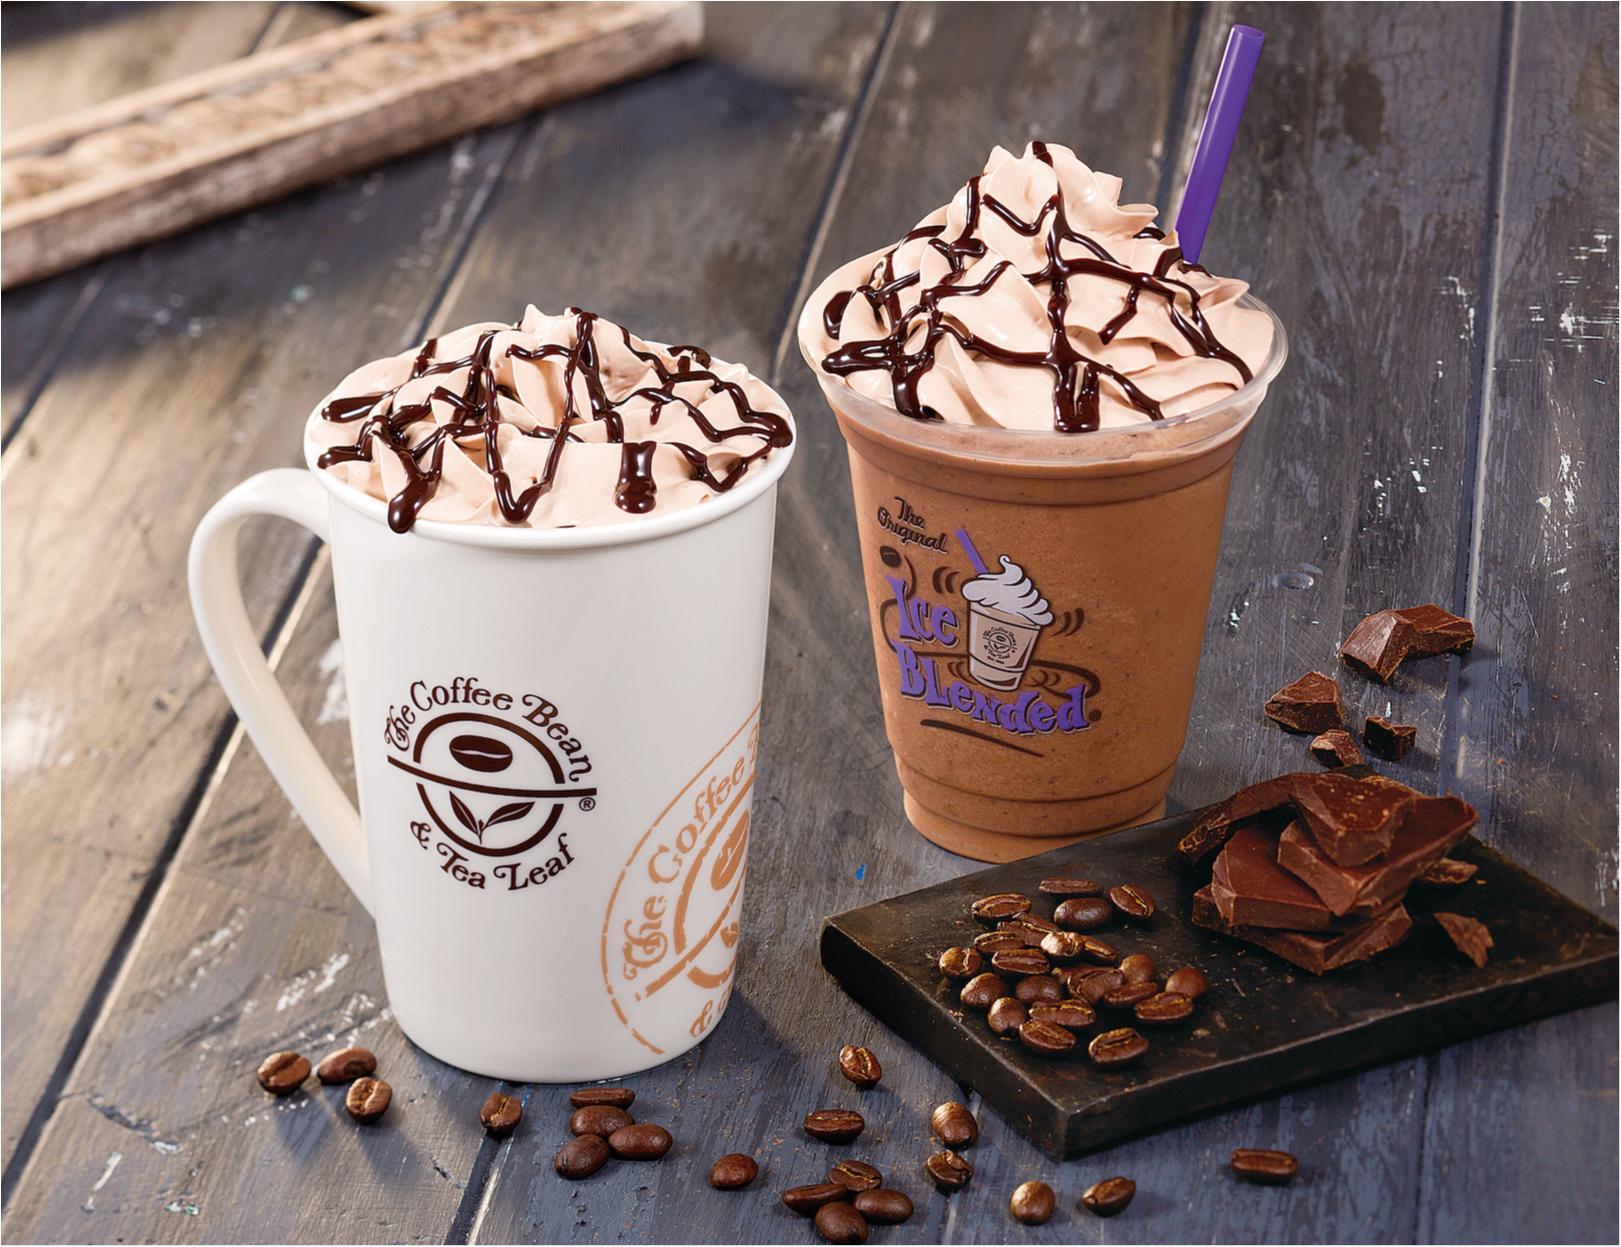 『コーヒービーン&ティーリーフ』の新作はチョコレートづくし♡_1